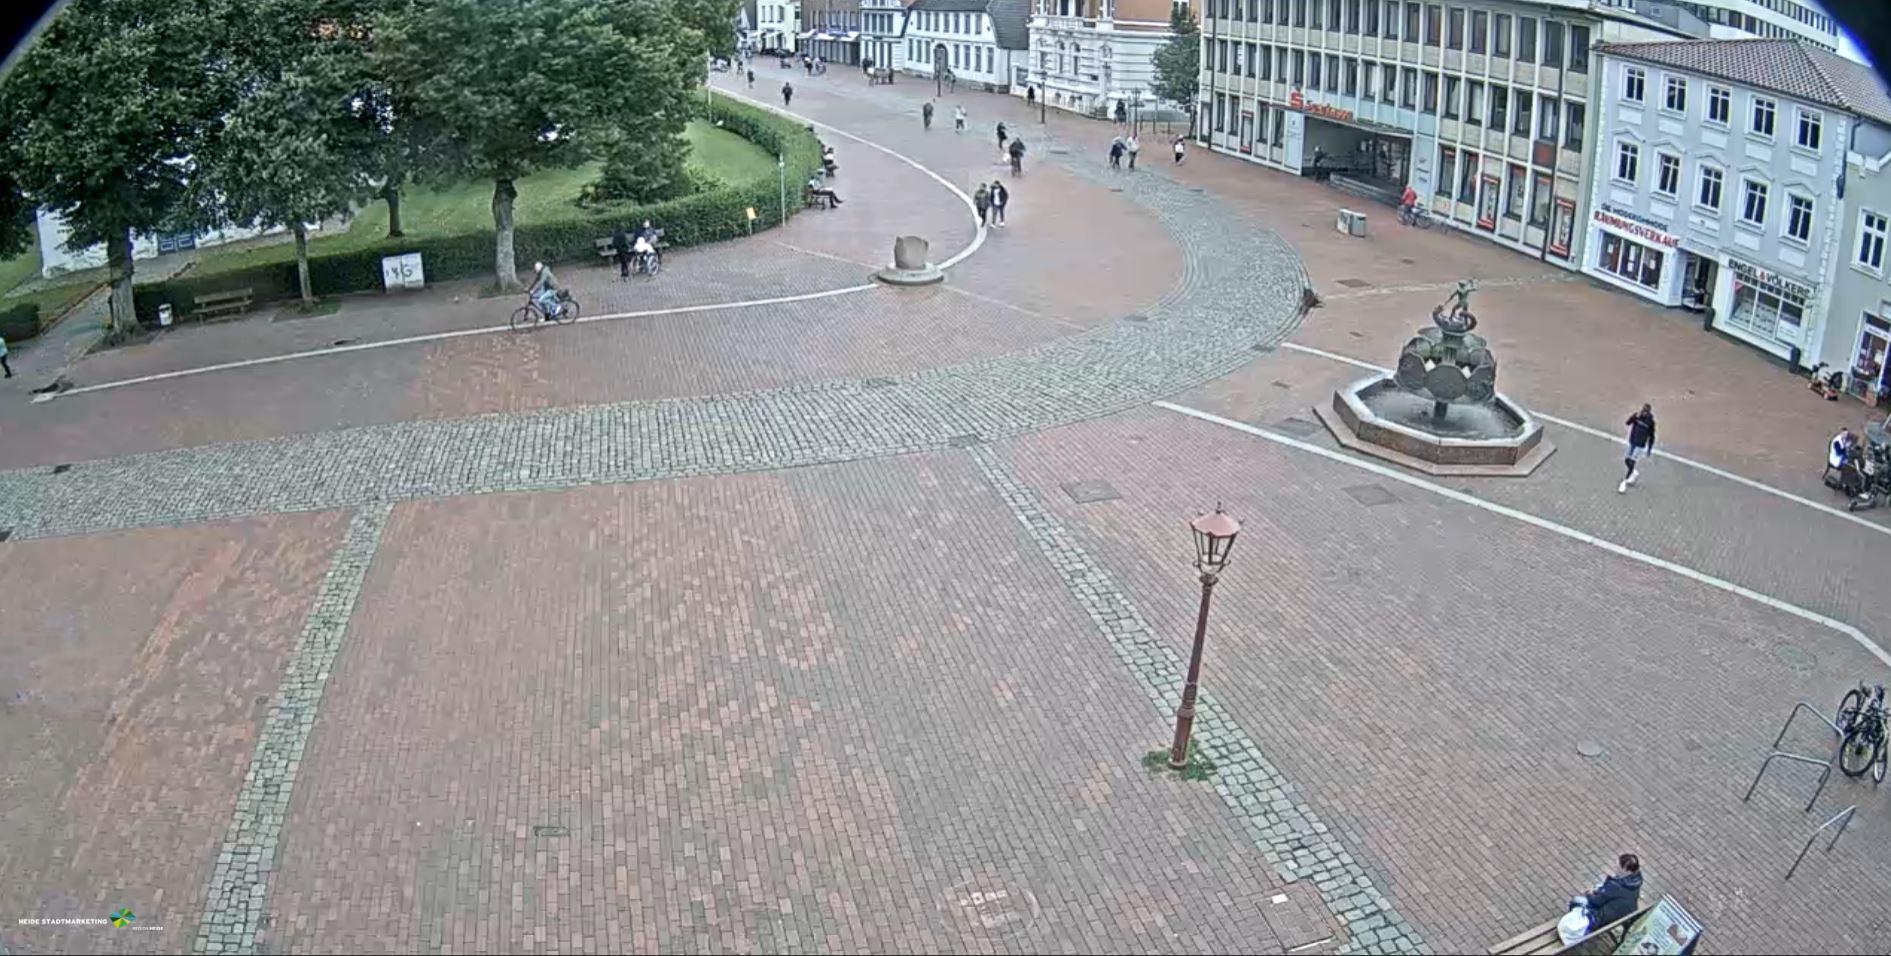 webcam Heide